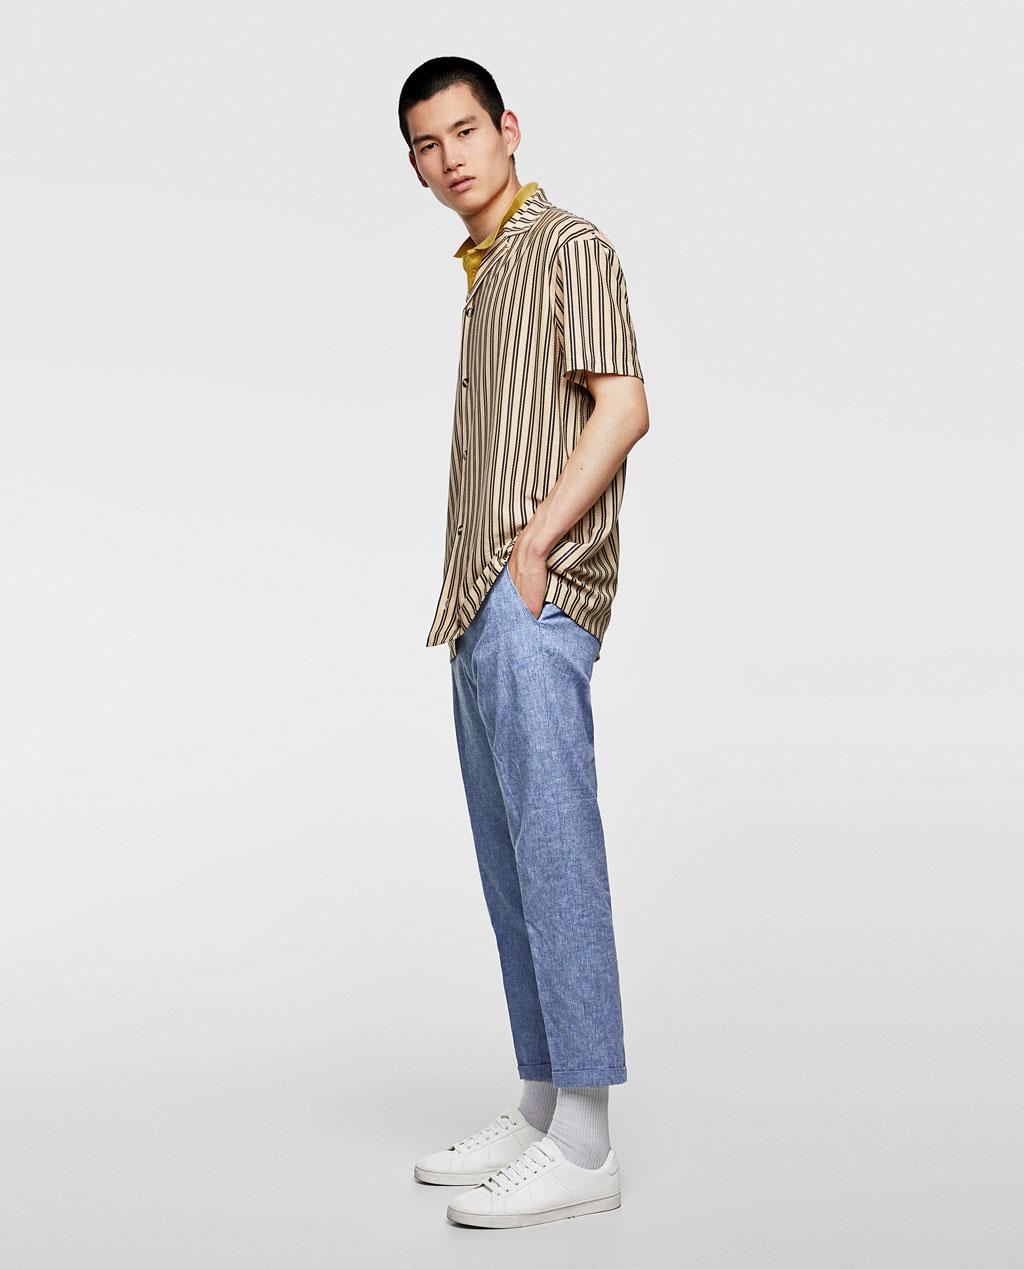 Thời trang nam Zara  23927 - ảnh 9